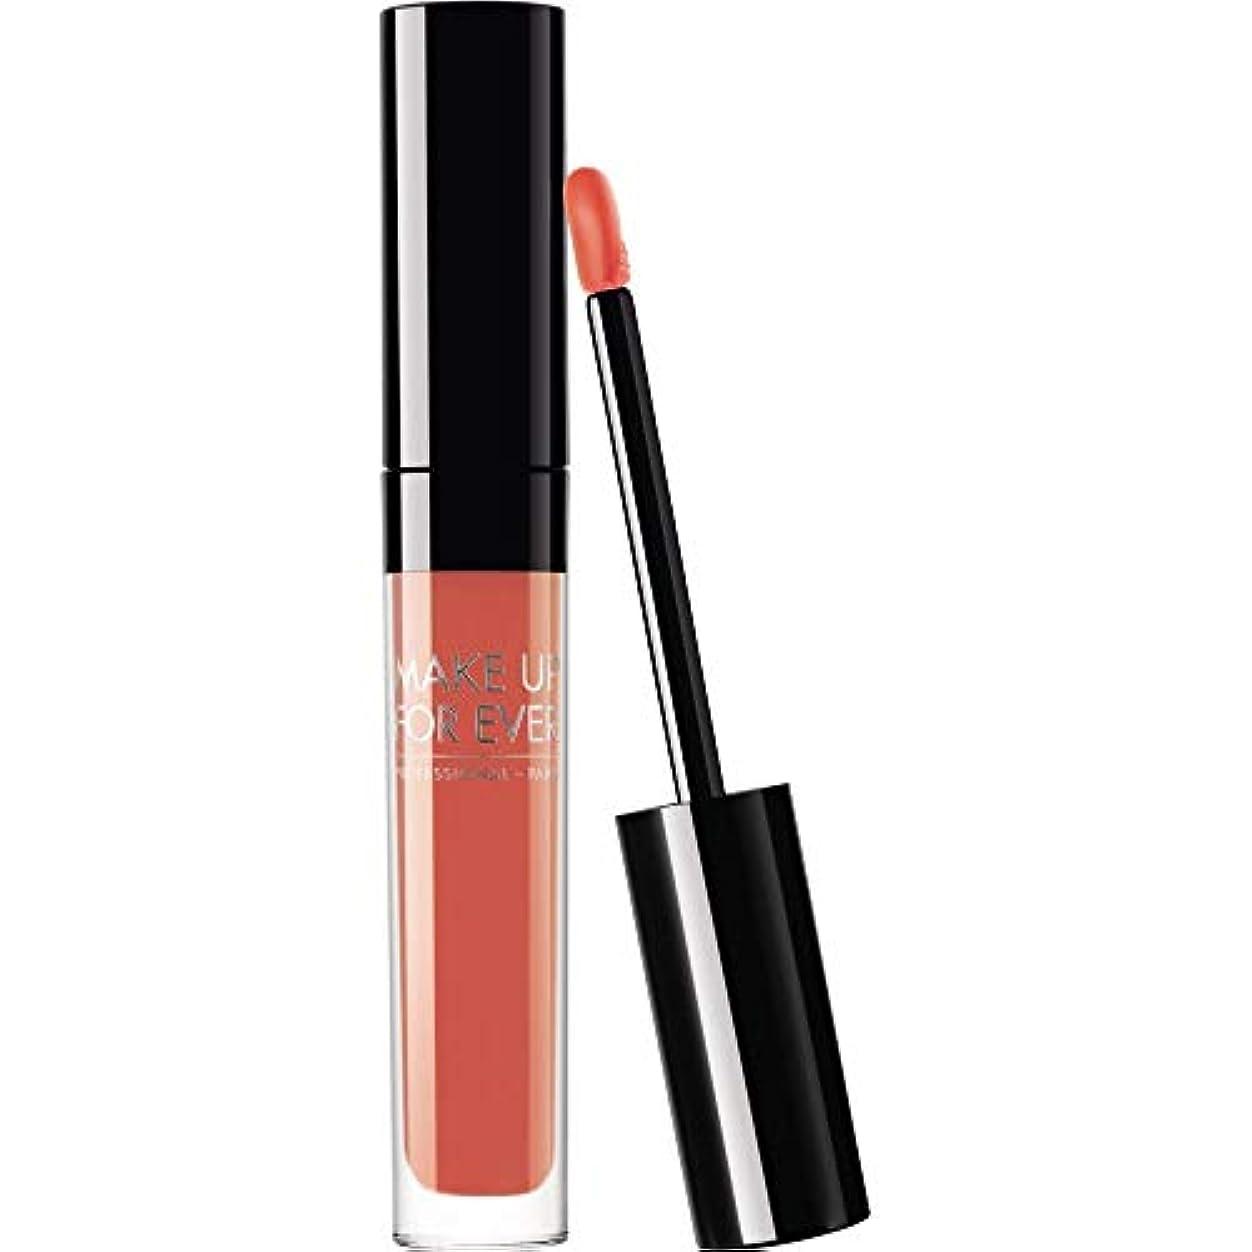 阻害する管理親指[MAKE UP FOR EVER] 赤珊瑚 - 302 2.5ミリリットルこれまでアーティストの液体マットリップカラーを補います - MAKE UP FOR EVER Artist Liquid Matte Lip Colour...